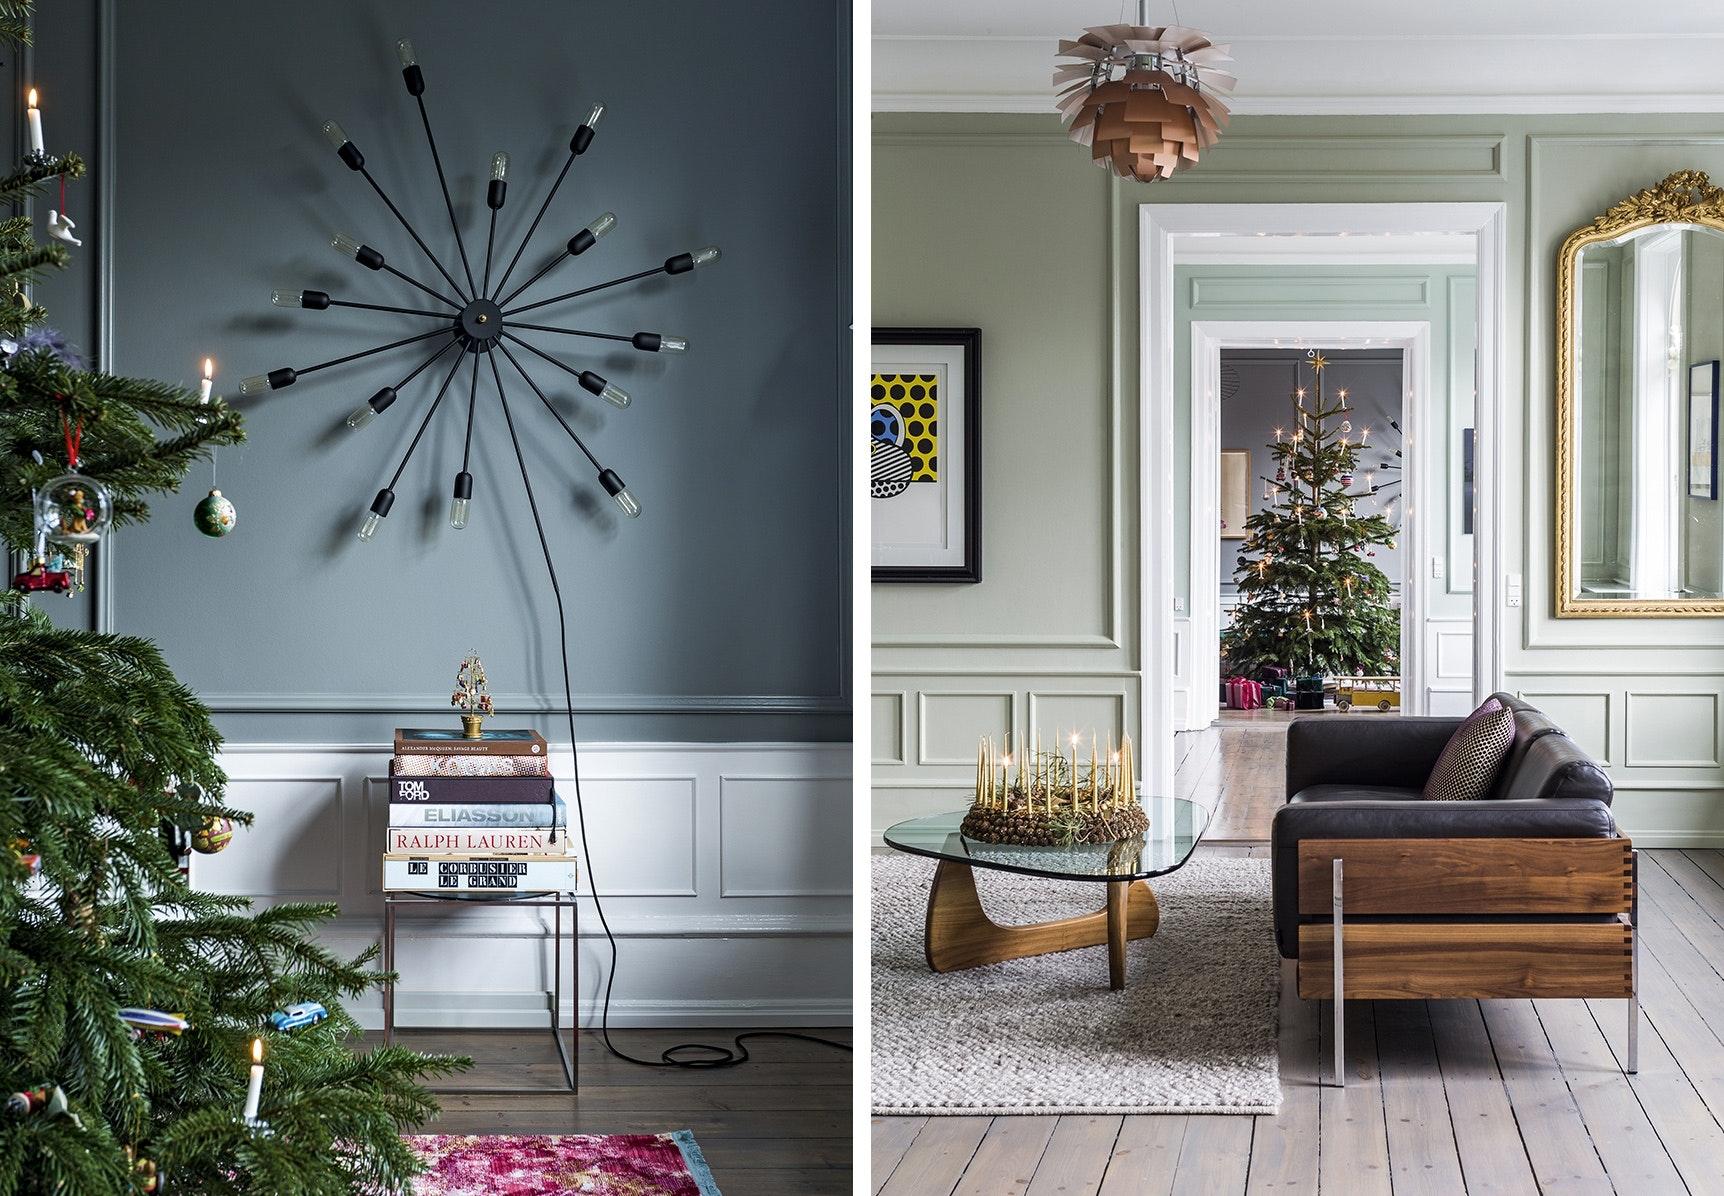 jul bolig indretning hygge lejlighed